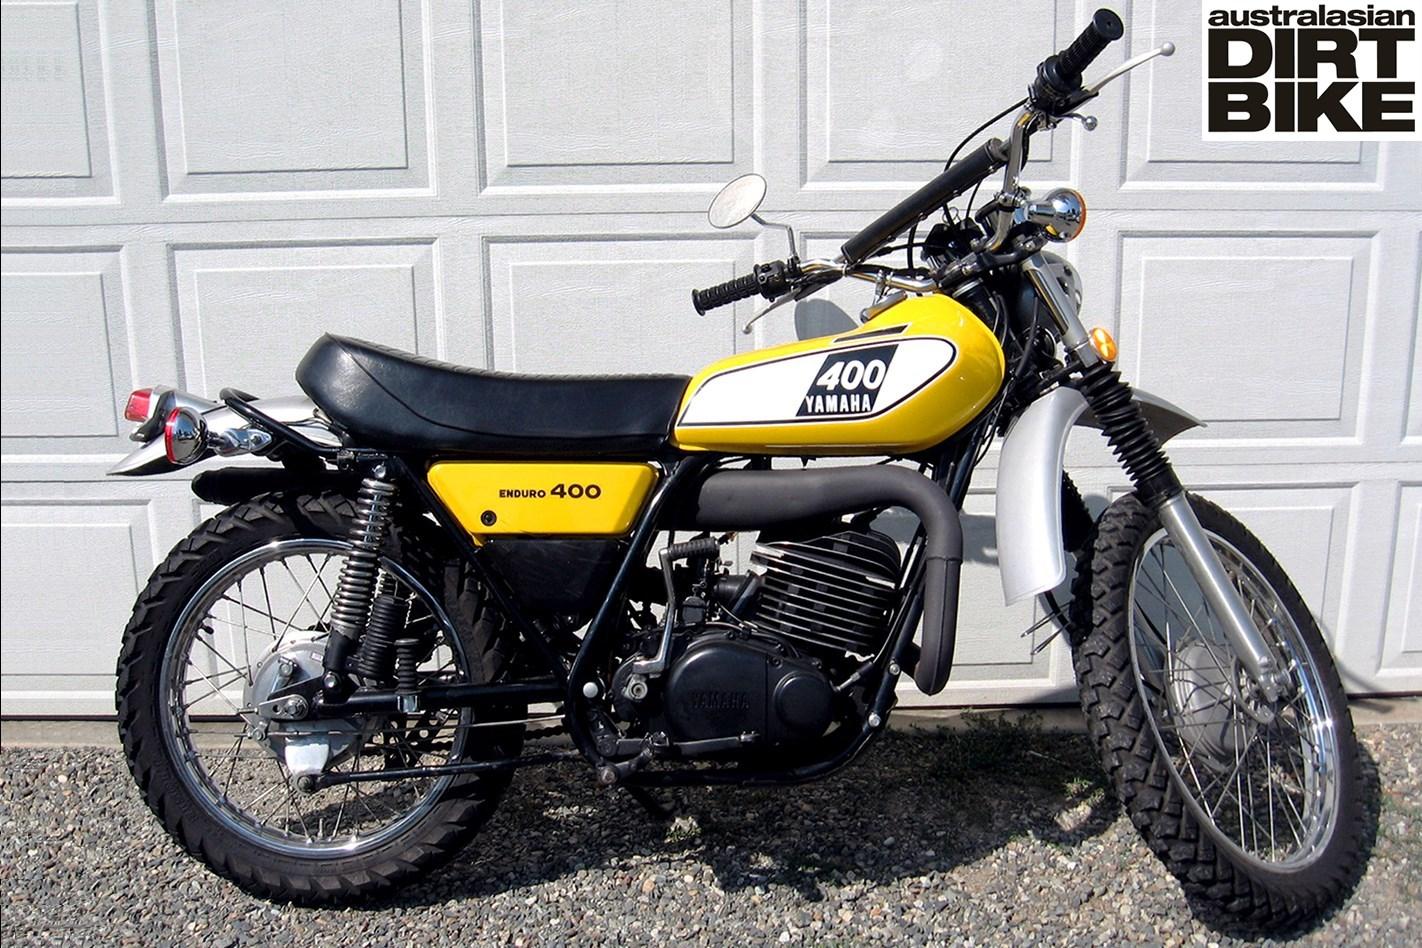 Yamaha Queensland